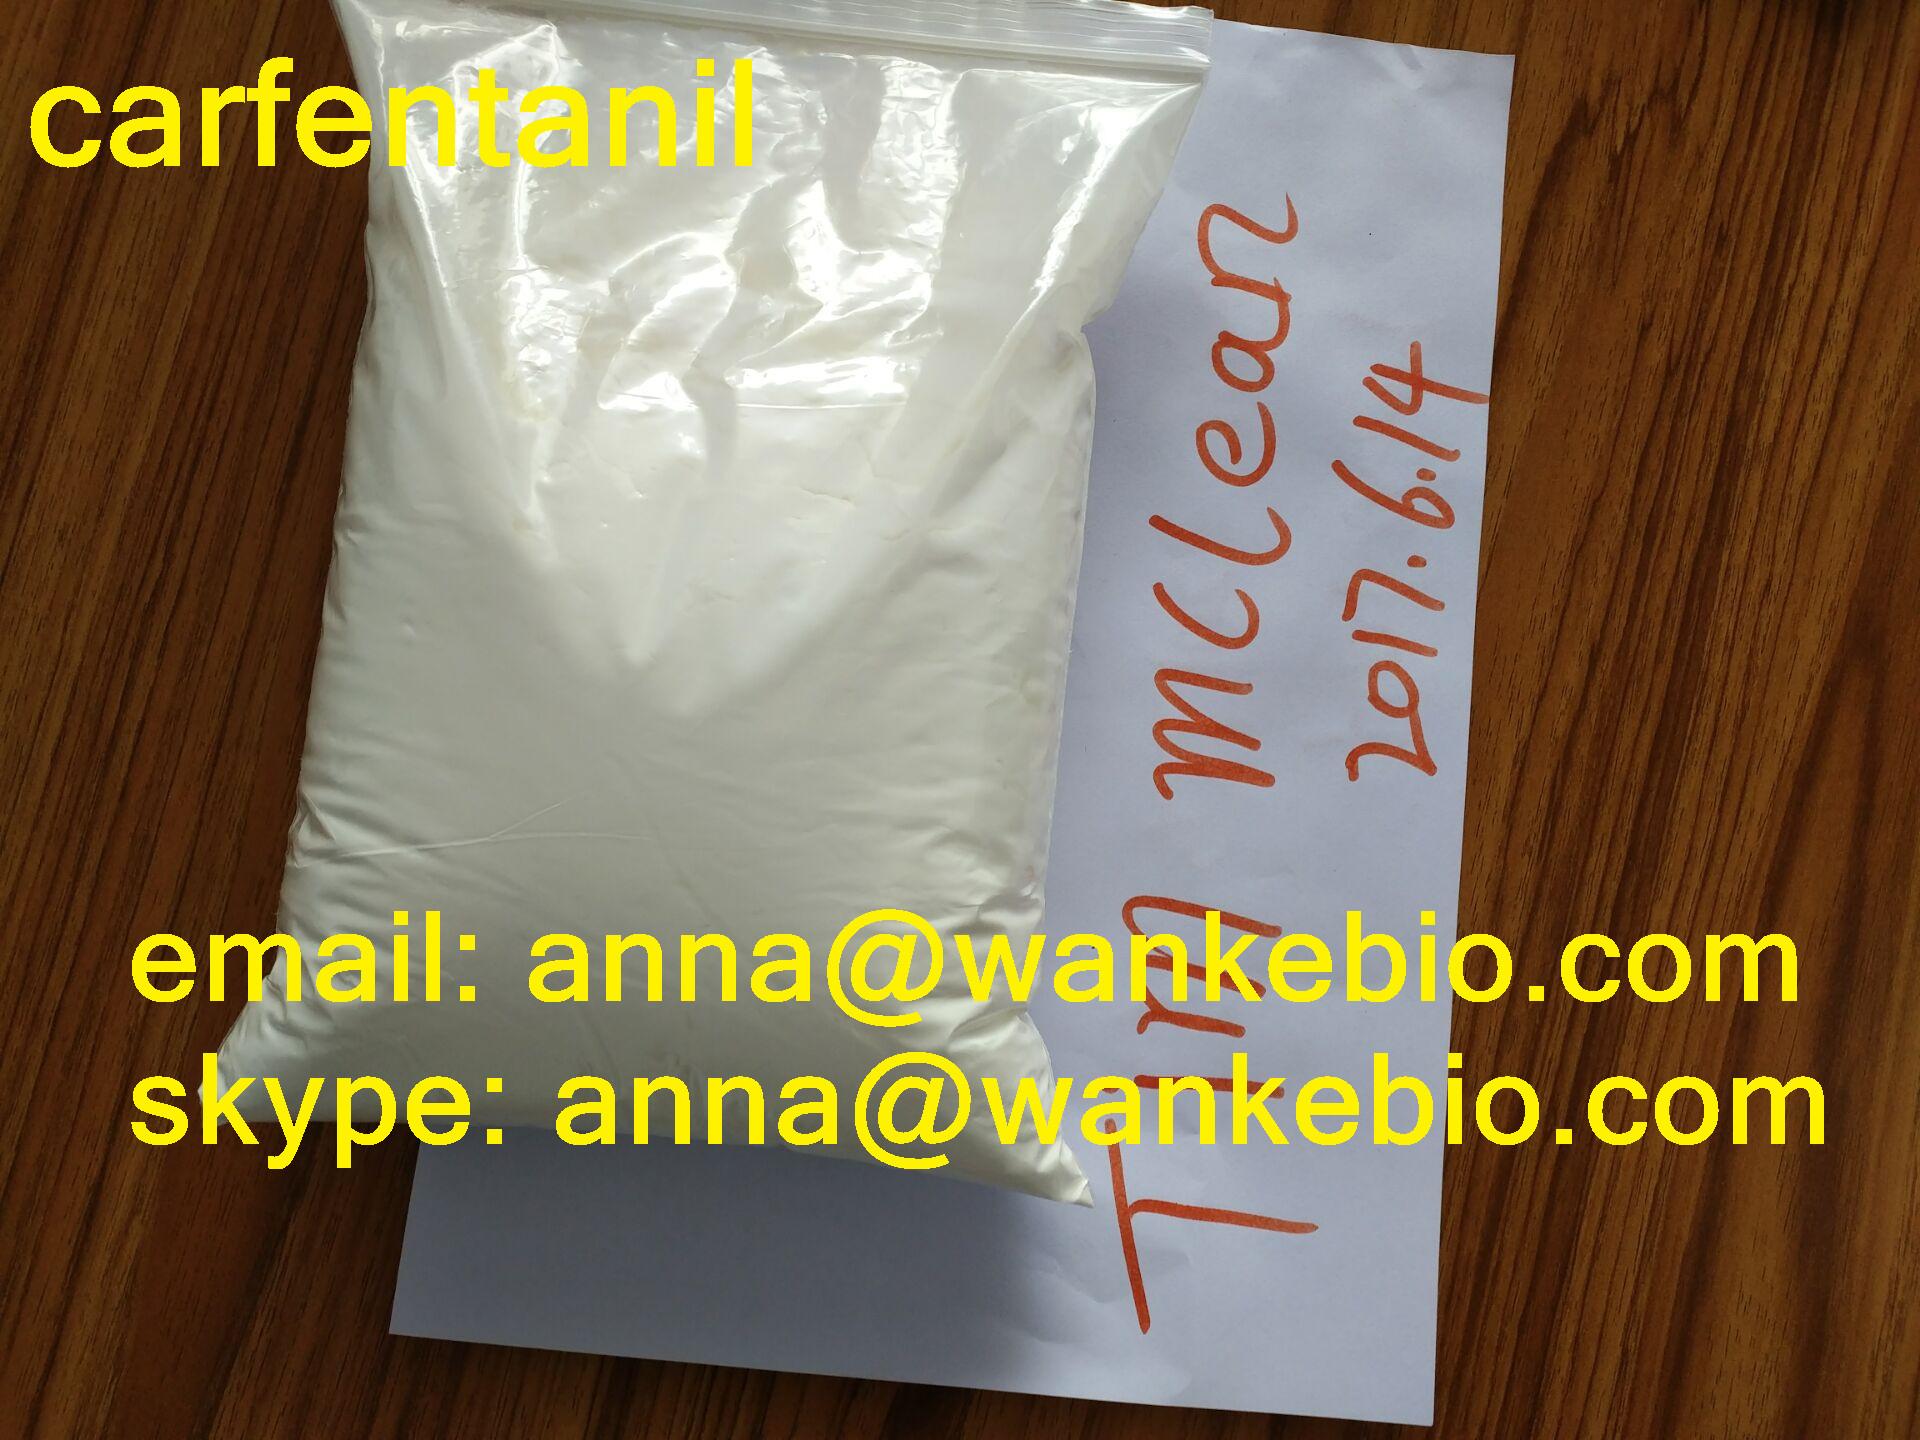 carfentanil Carfentanil cas no: 59708-52-0 carfentanil fuf buff skype: anna @ wankebio.com